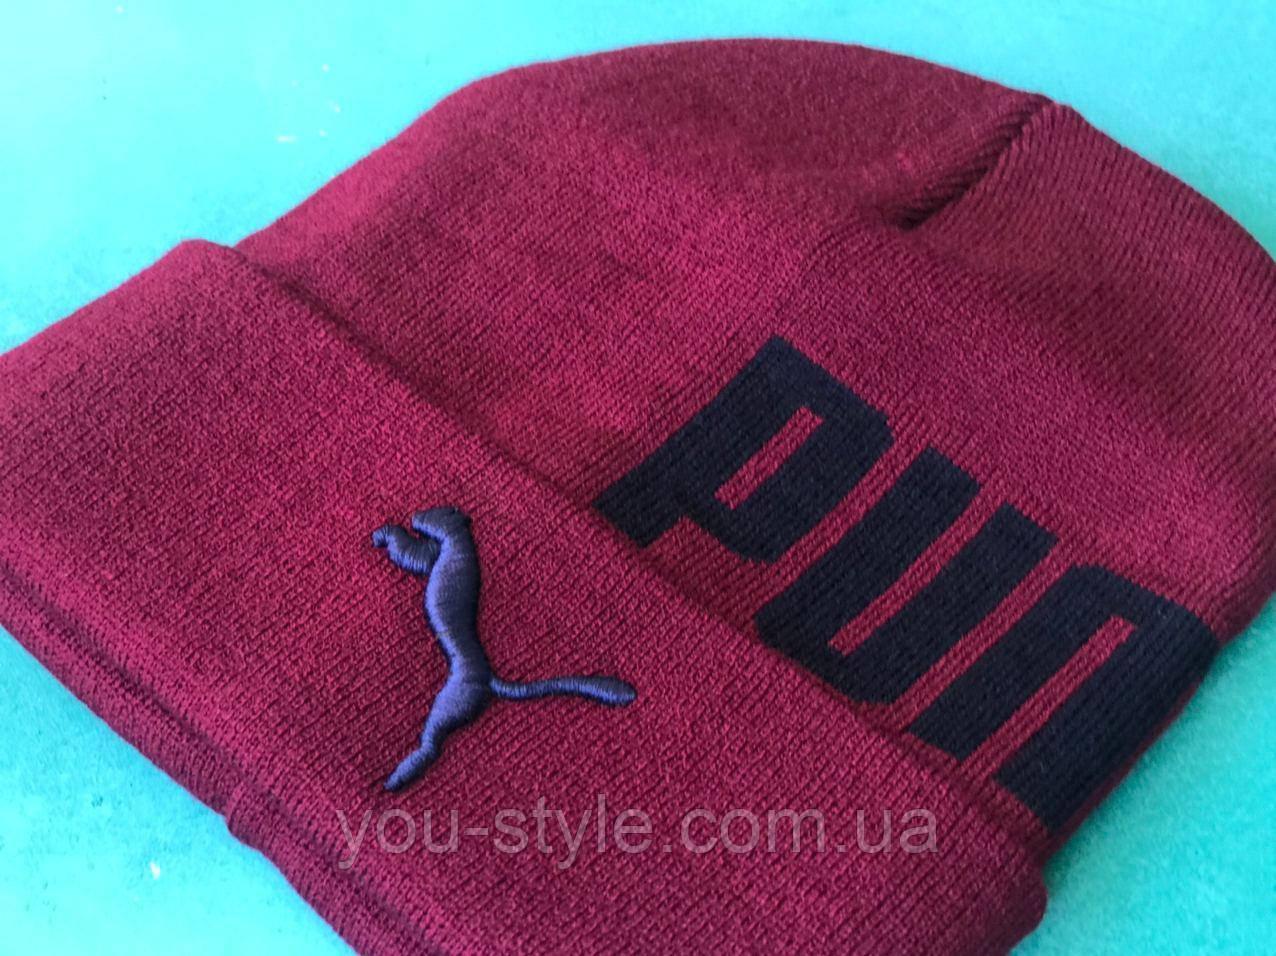 Шапка Puma / шапка пума/ шапка женская/шапка мужская/бордовый